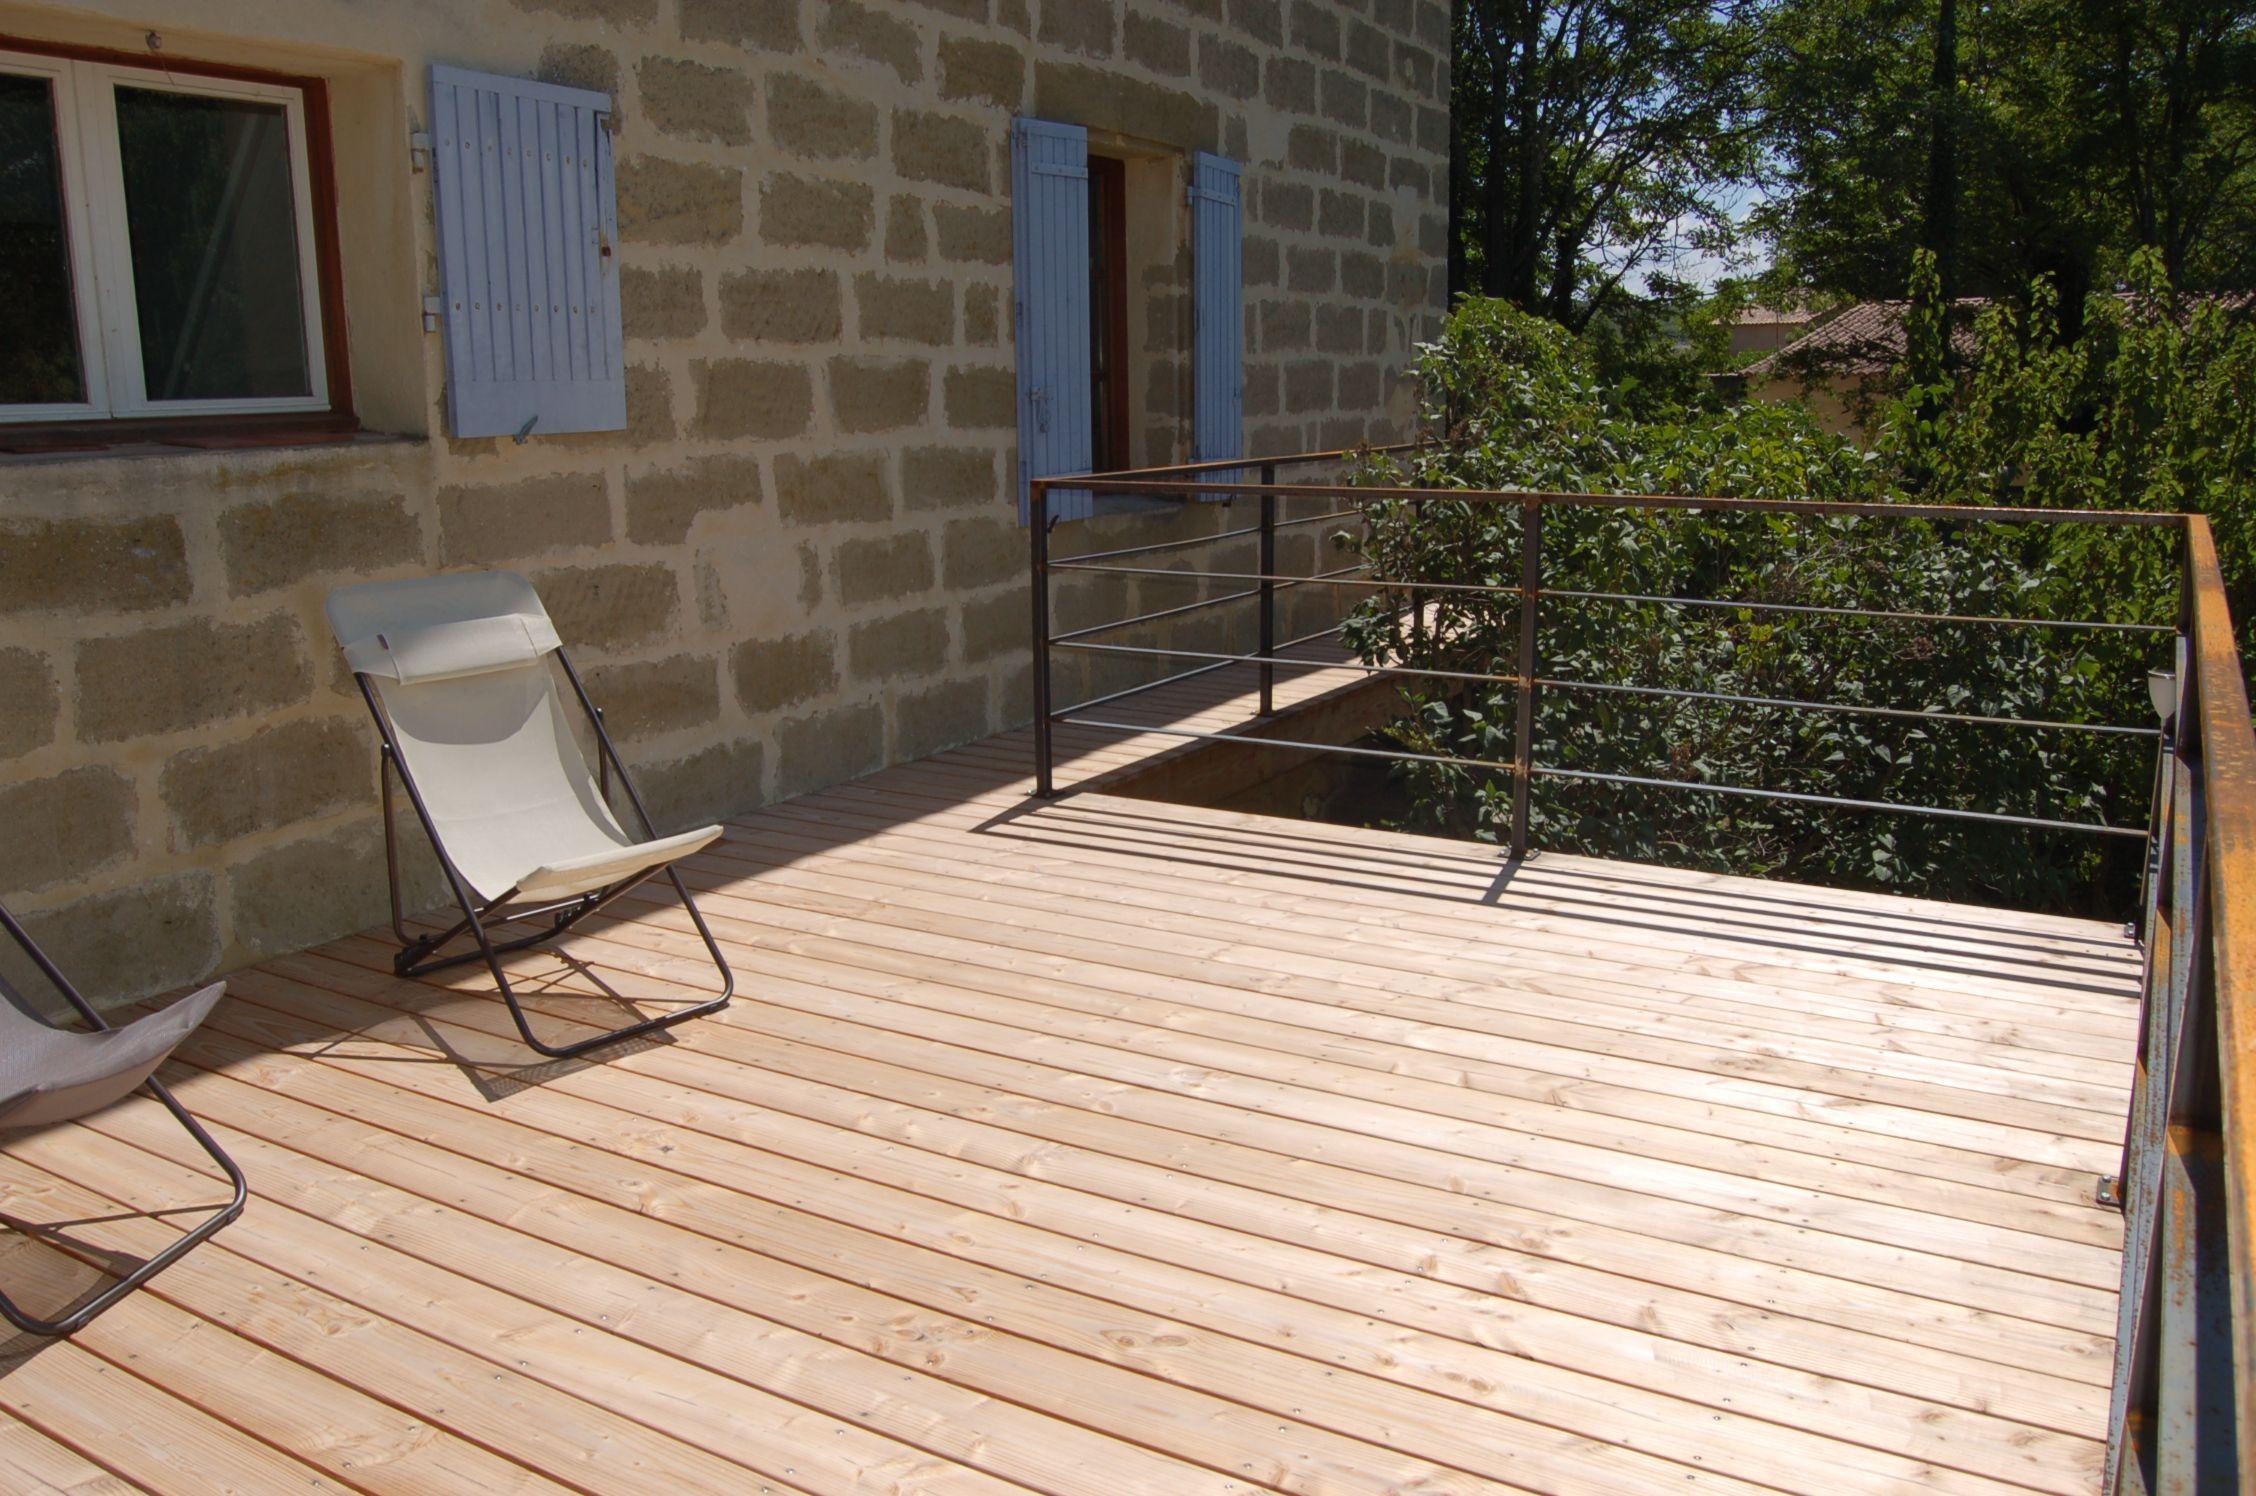 Maison Avec Passerelle Intérieure terrasse sur piloti avec passerelle | terrasse bois